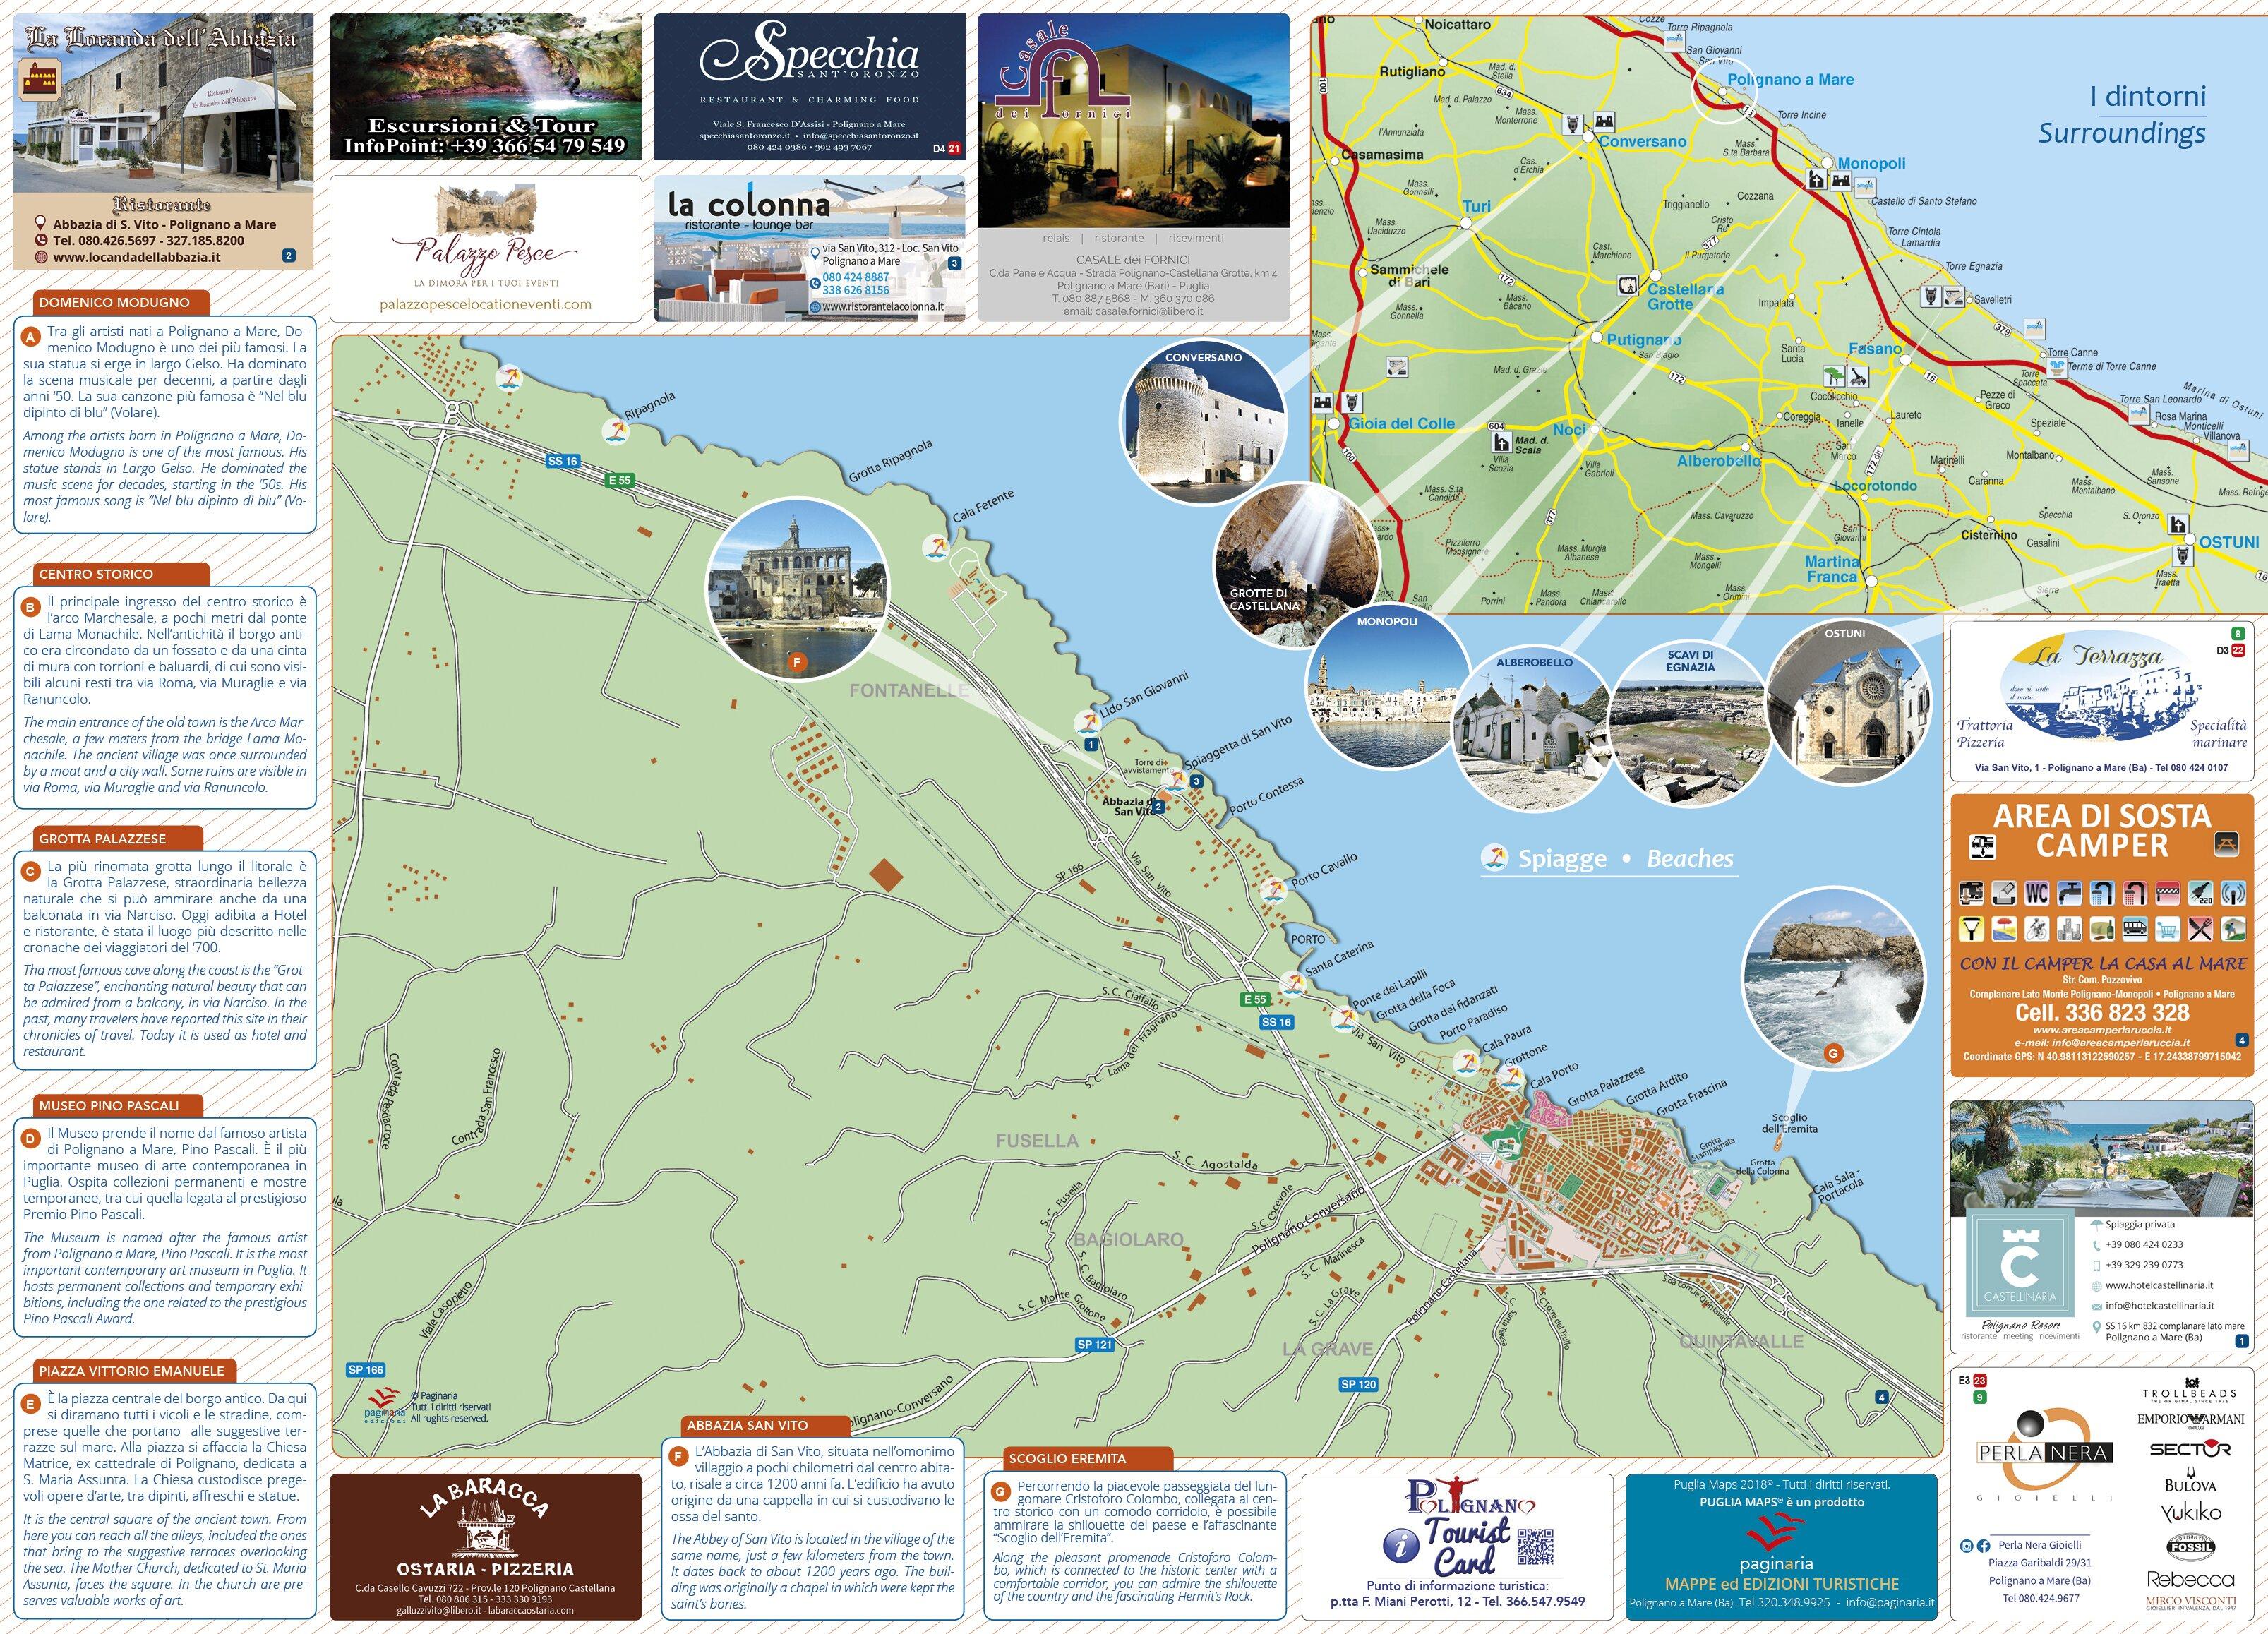 Cartina Mappa Spiagge Puglia.Mappa Di Polignano A Mare Cosa Vedere A Polignano A Mare Vacanze A Polignano A Mare